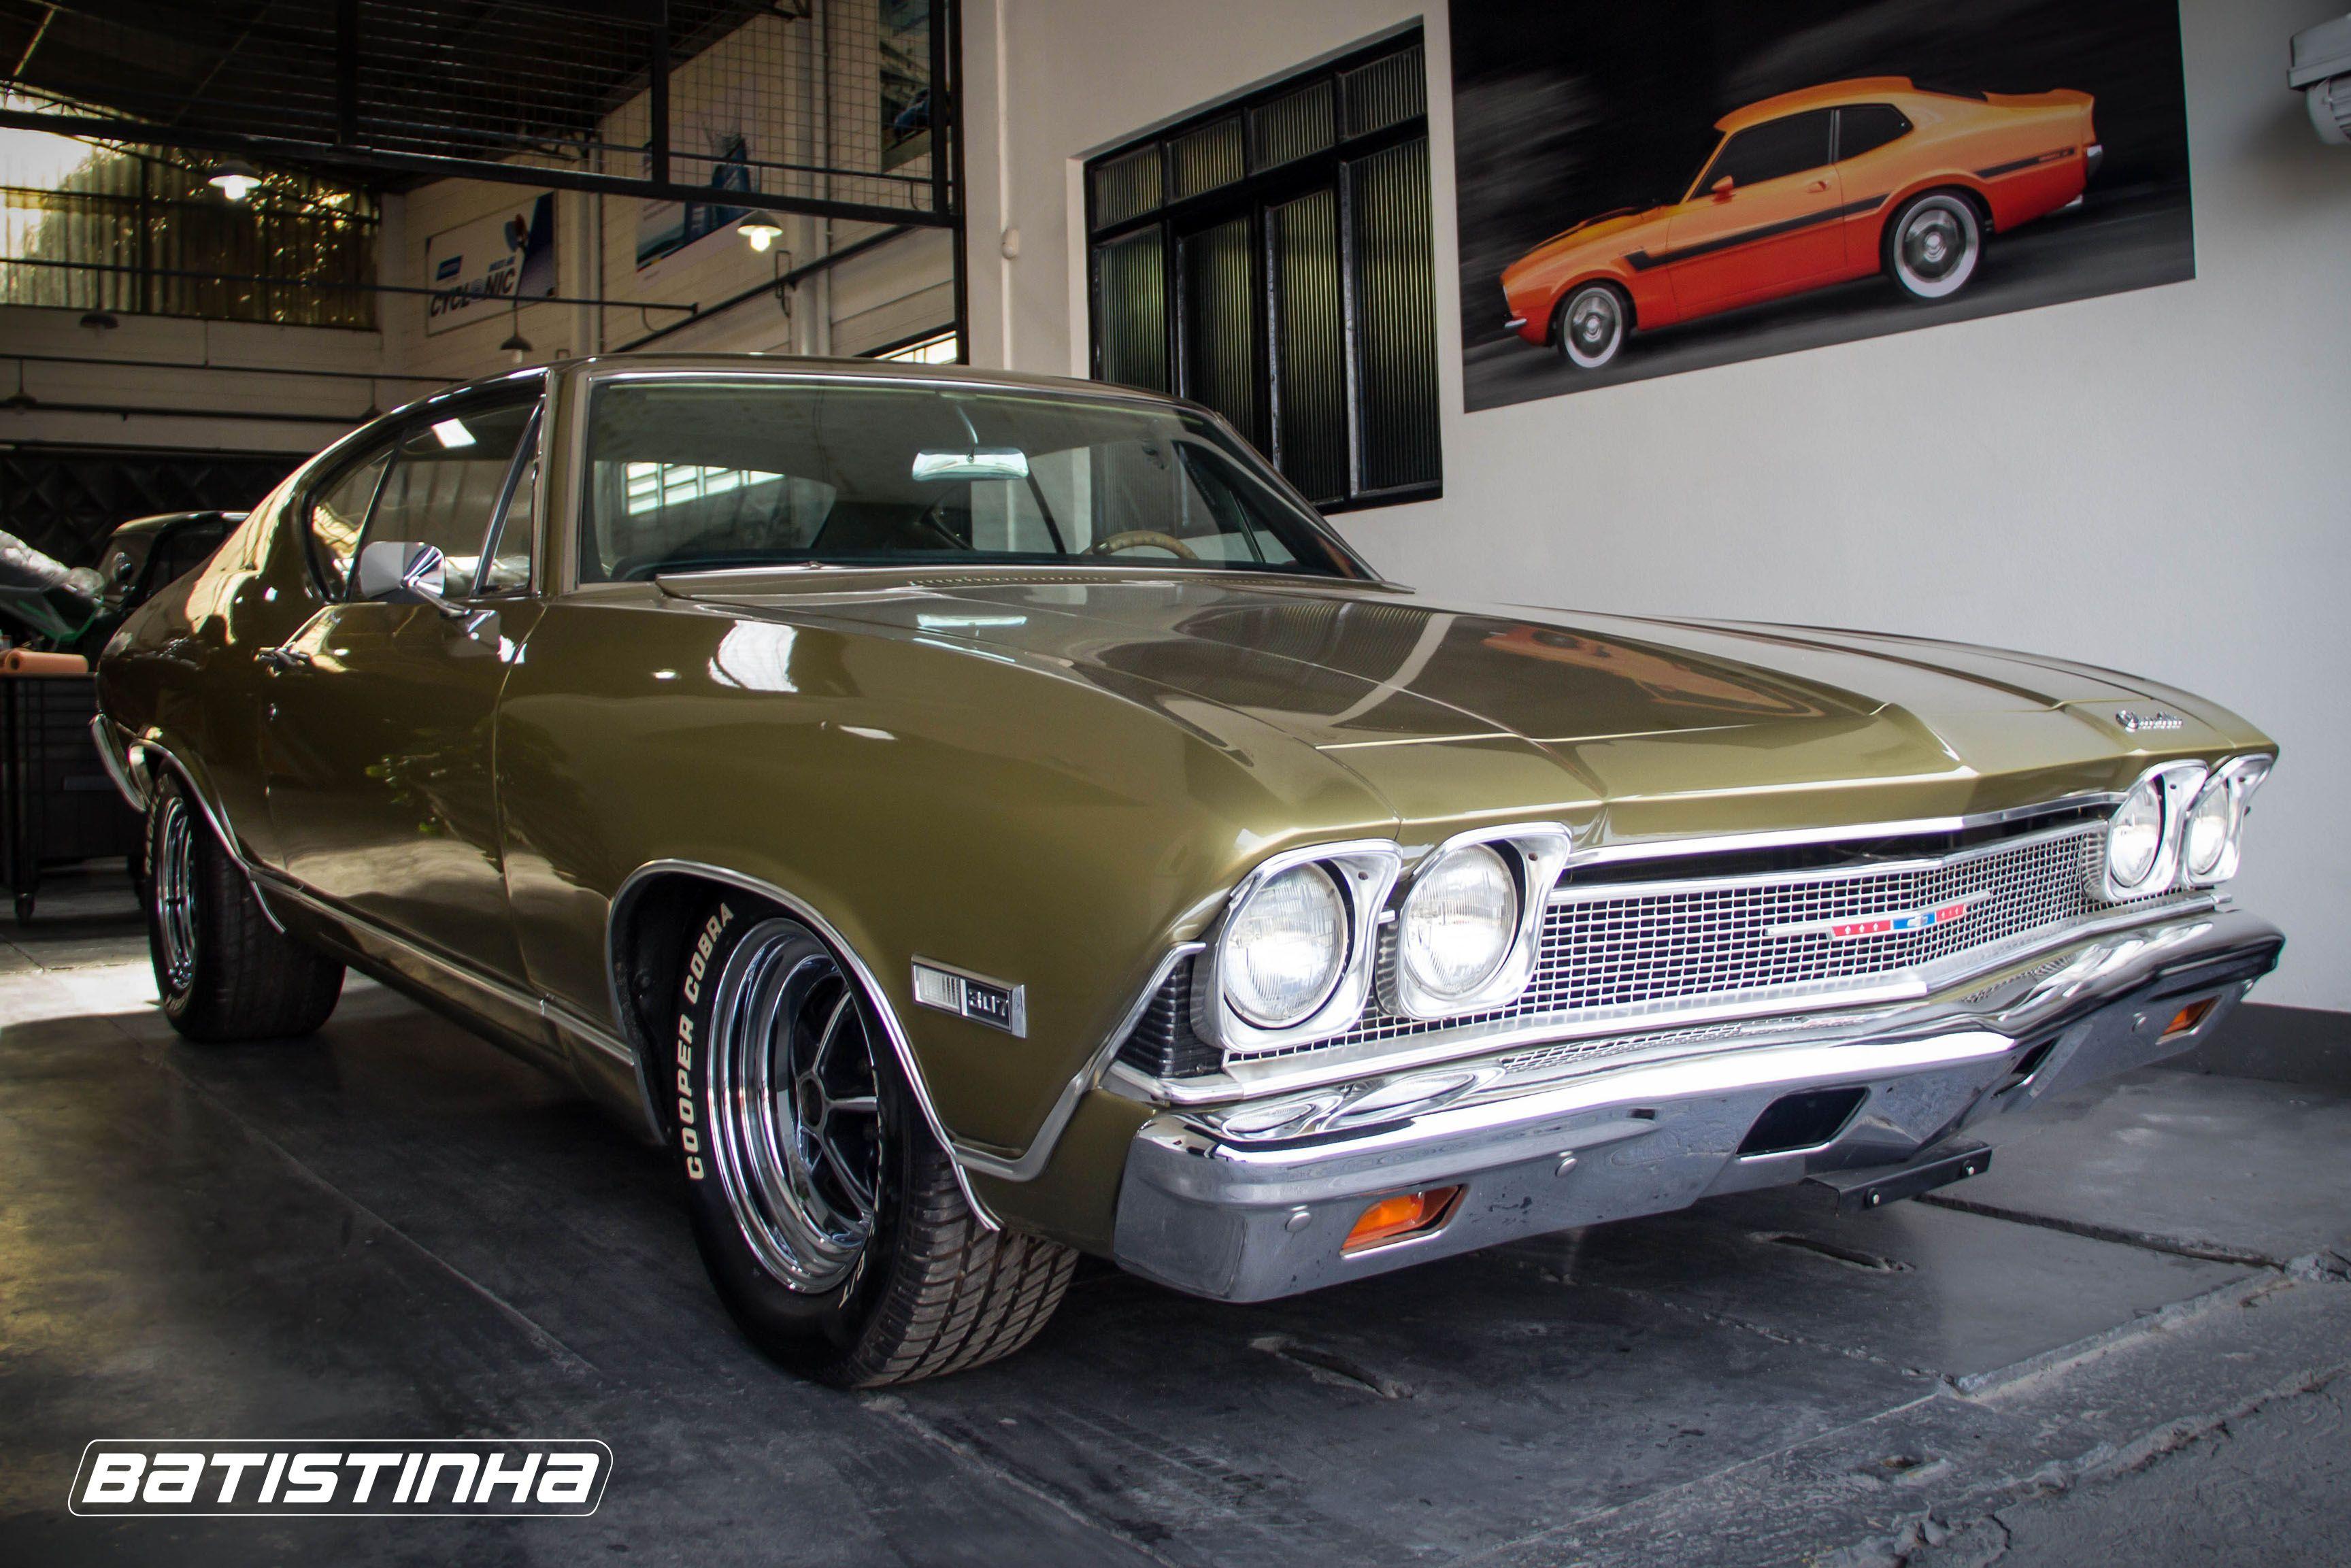 Este Chevrolet Chevelle 1968 receberá mecânica mais moderna, com ...